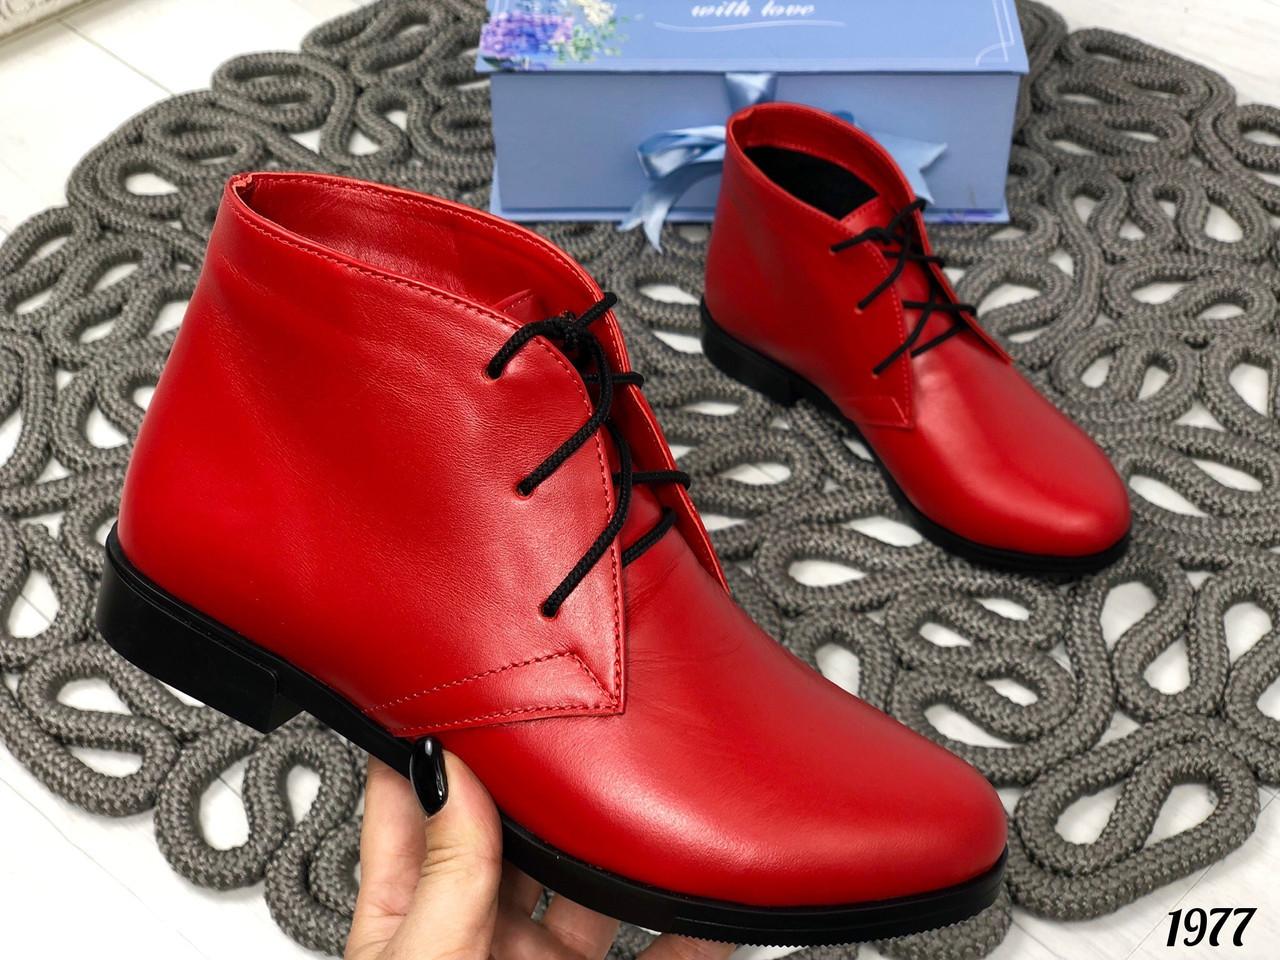 38 р. Ботинки женские деми красные кожаные на низком ходу,демисезонные,из натуральной кожи,натуральная кожа